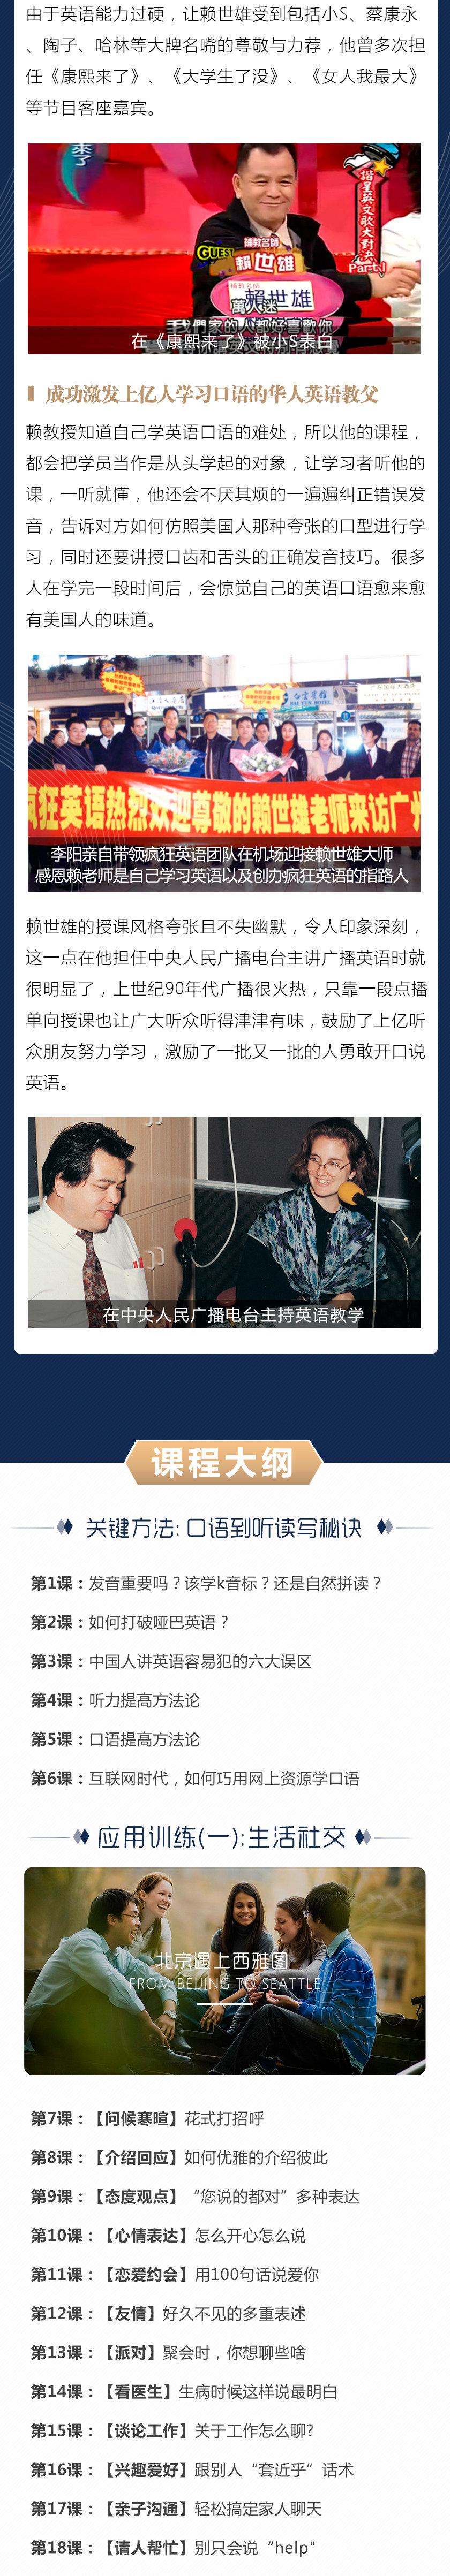 赖世雄最新英语详情2.jpg